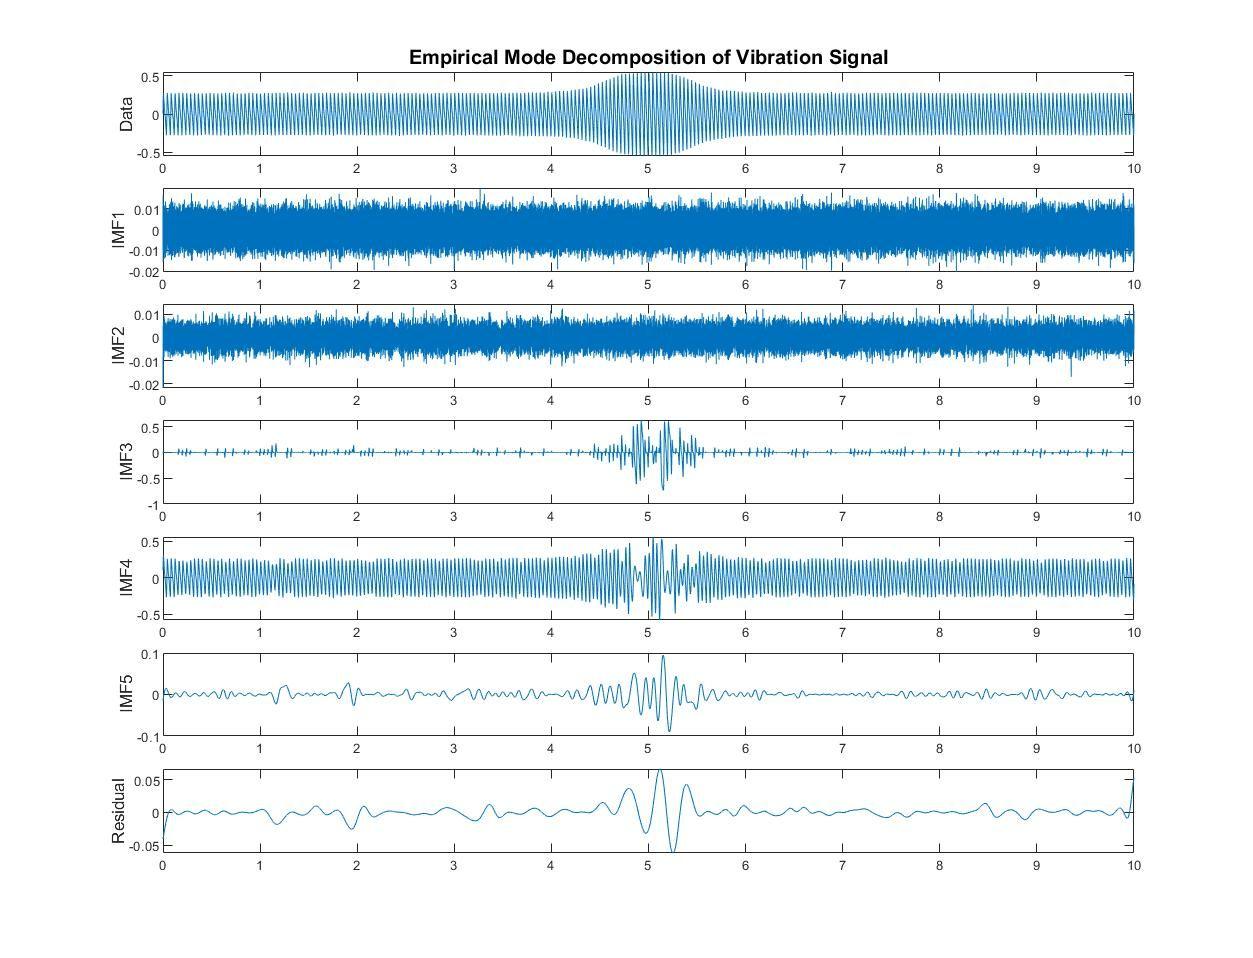 Signal de vibration analysé dans MATLAB avec la décomposition en modes empiriques